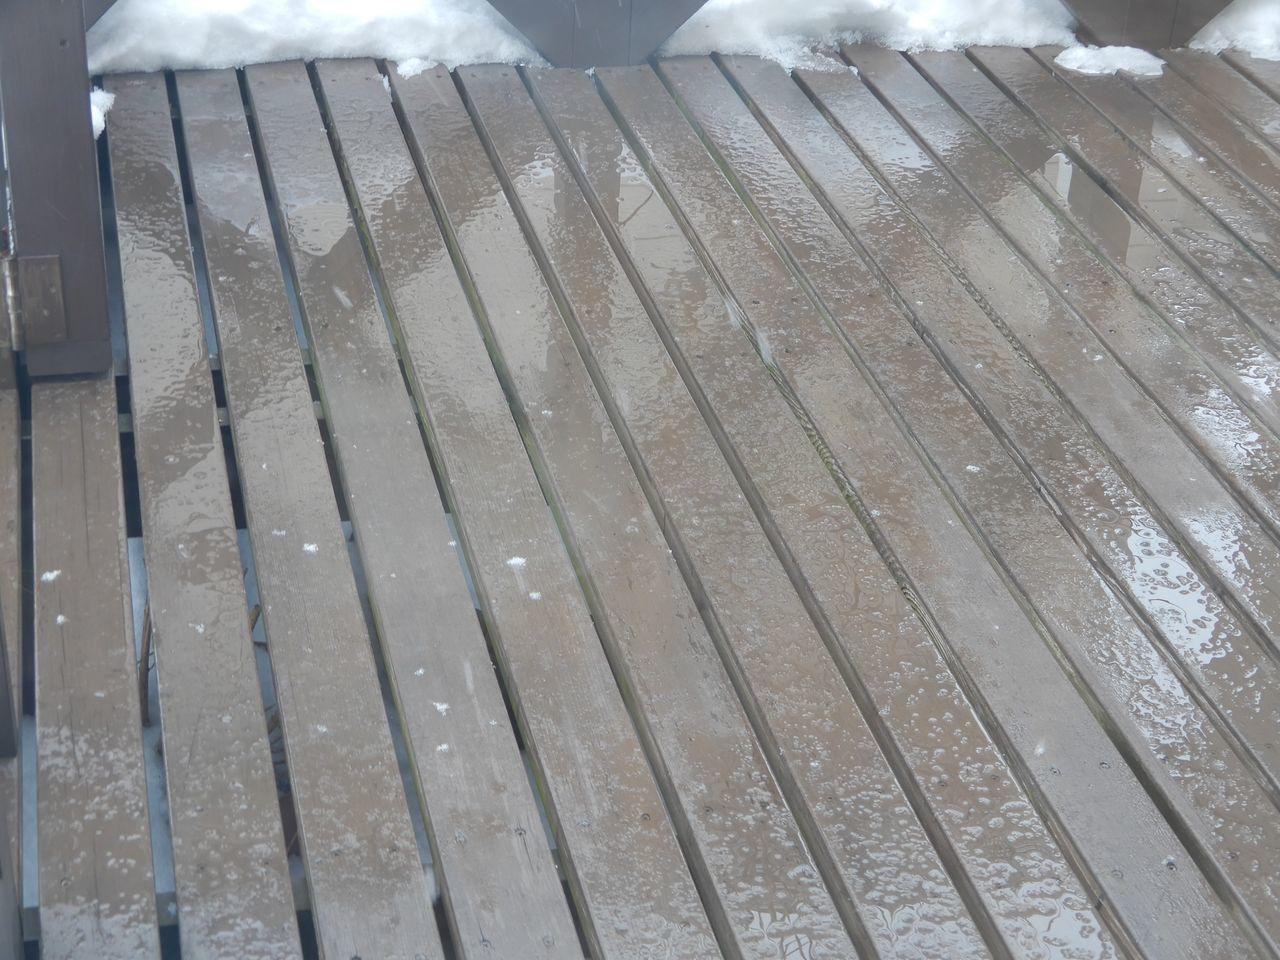 3月になったと思ったら冬の嵐の予報が_c0025115_21261539.jpg